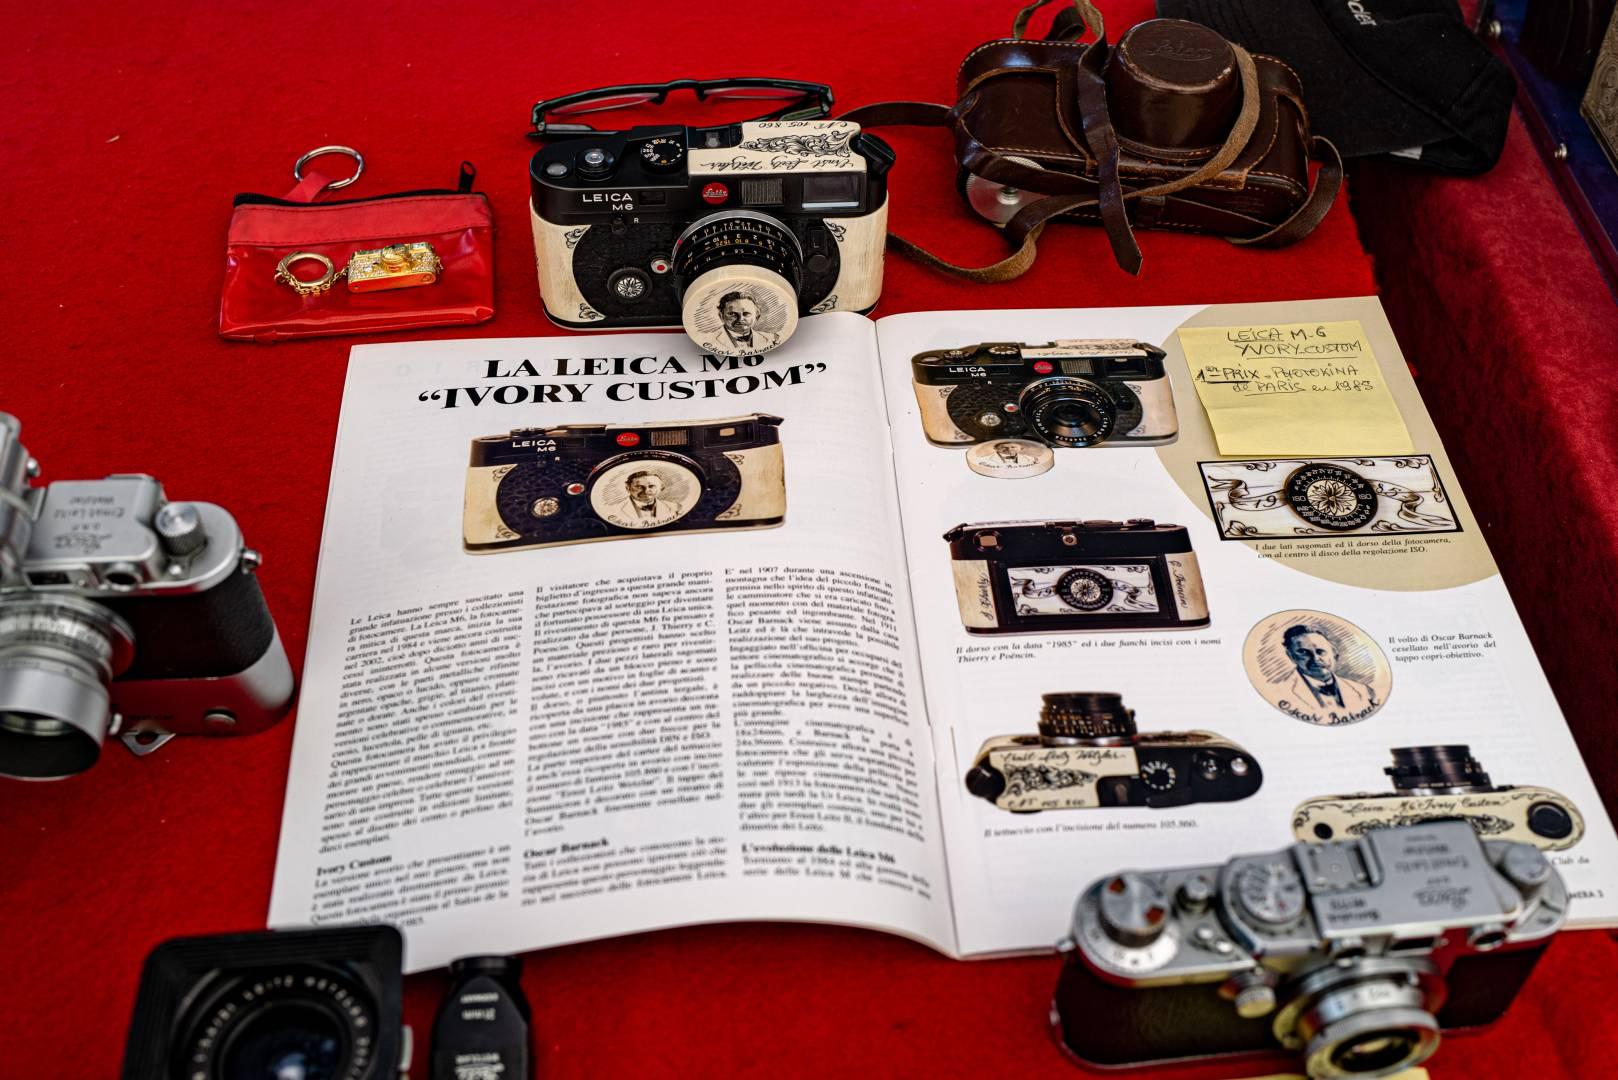 Bièvres Photo Fair: Leica M body prices soar - Macfilos